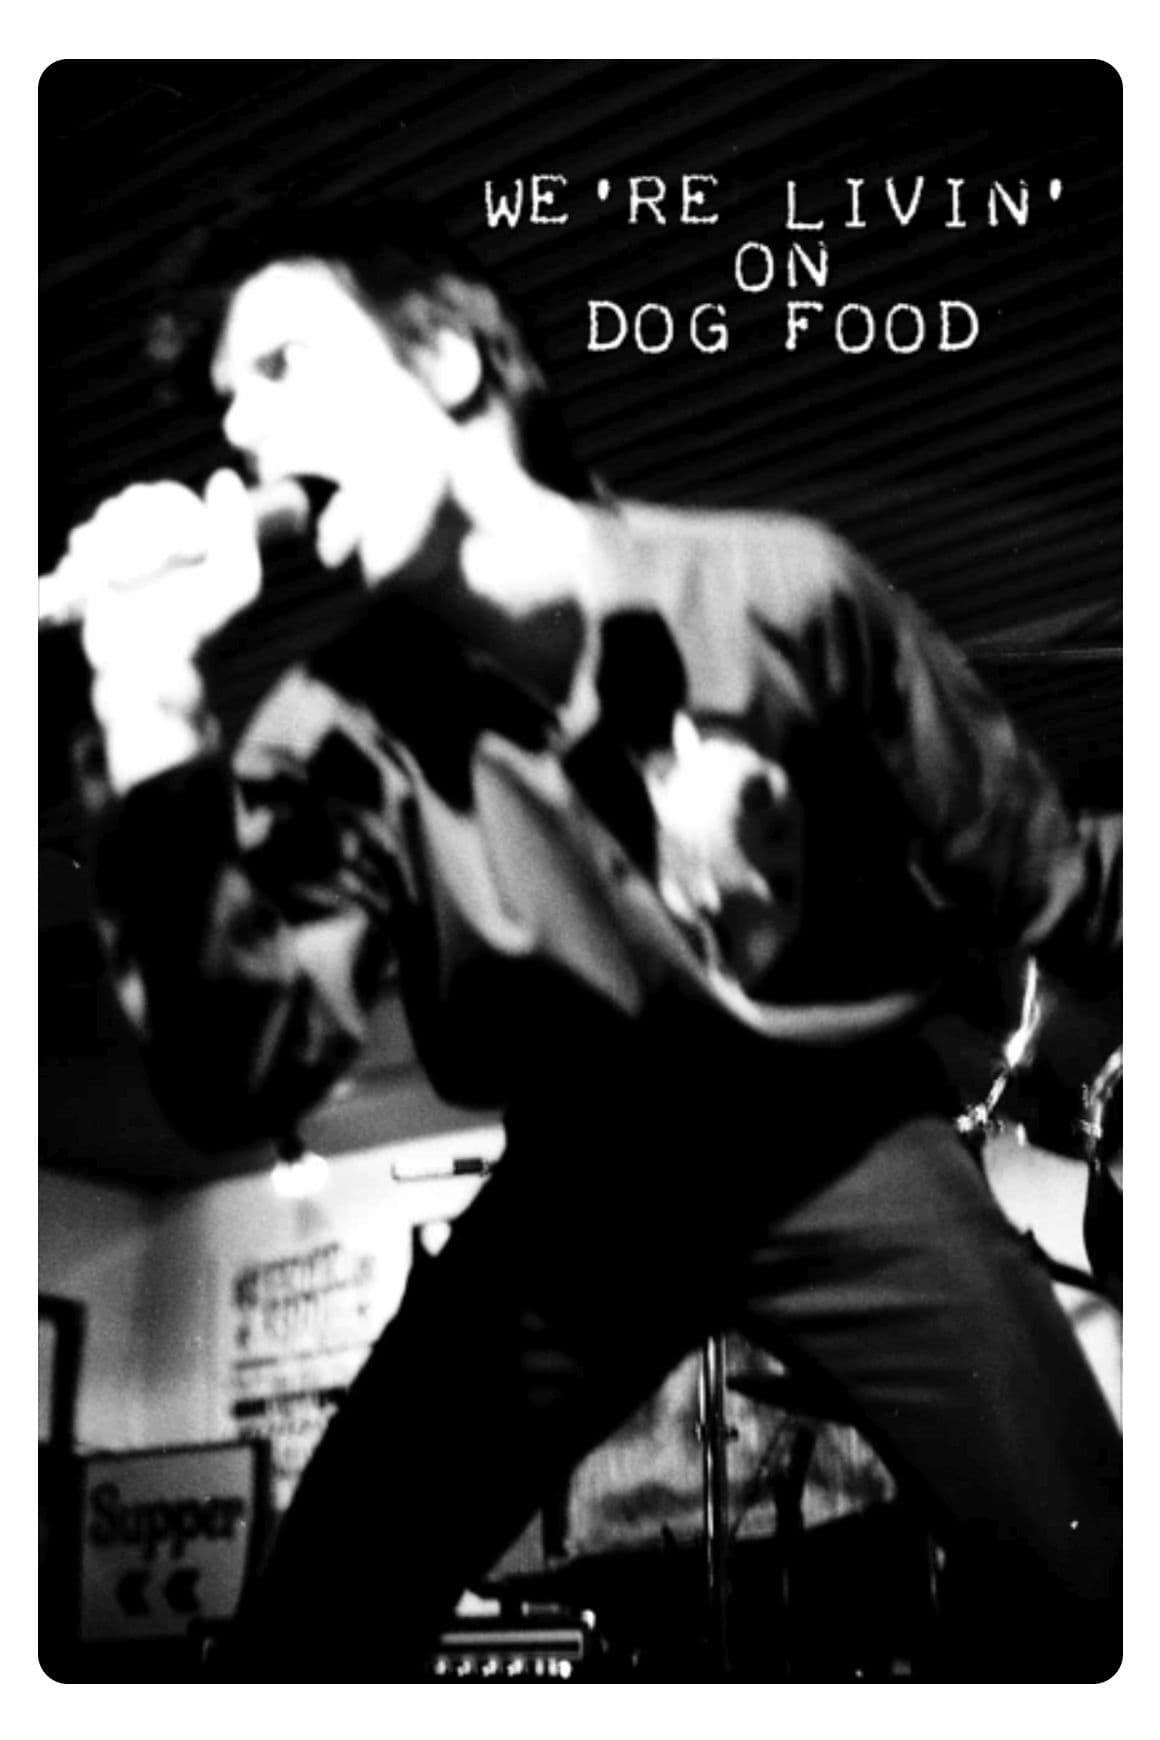 We're Livin' on Dog Food